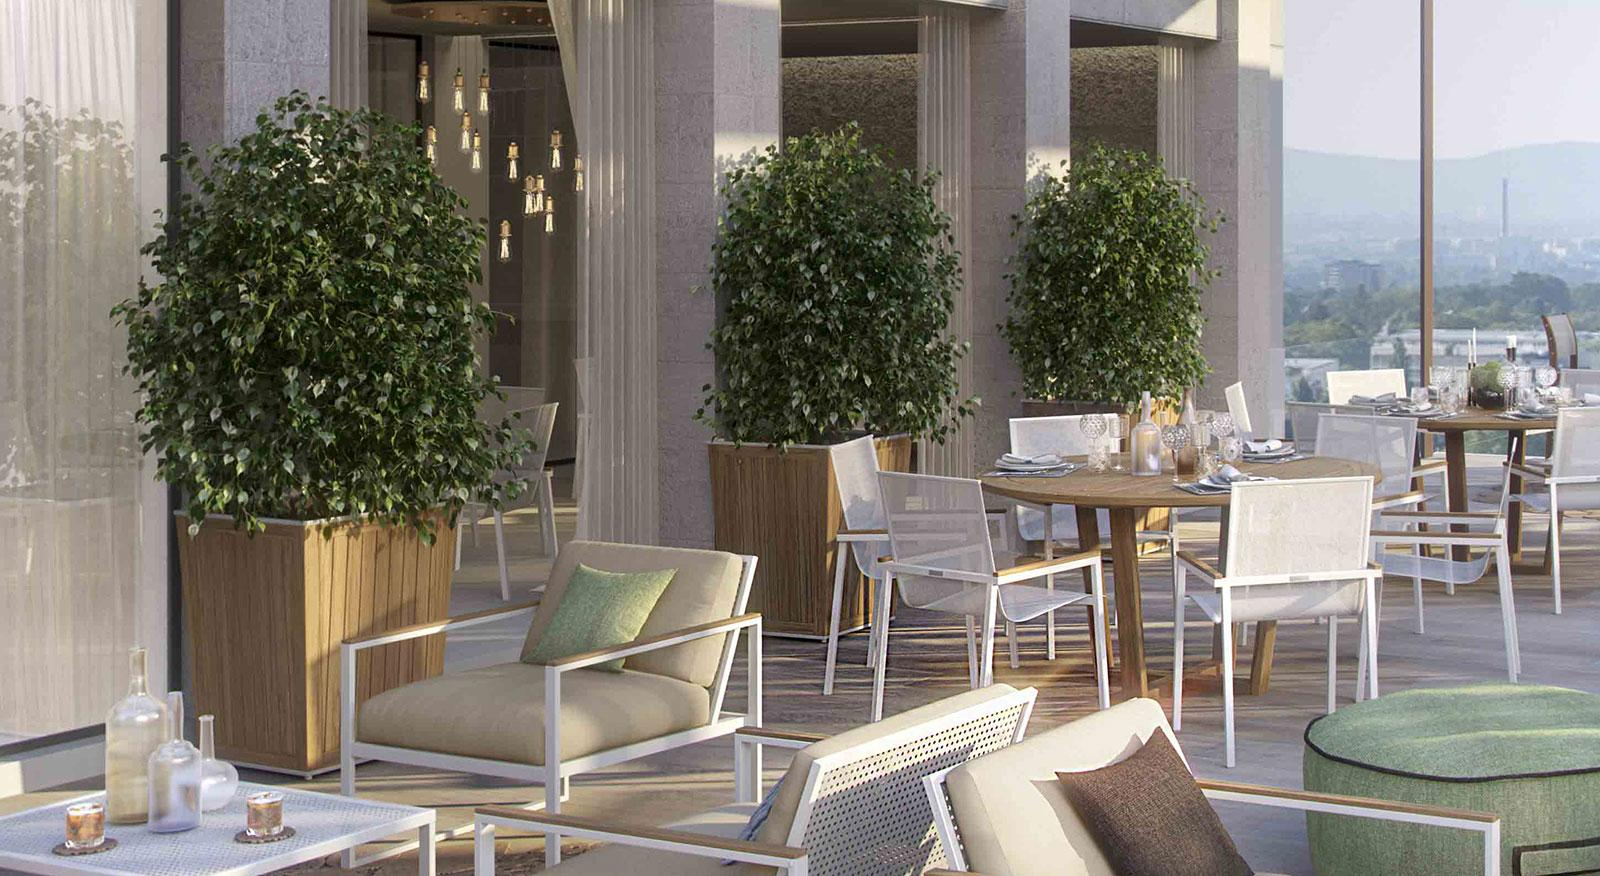 fioriera legno alta balcone davanzale interni appartamento design esterno grande moderna online quadrata unopiu verticale vaso arredamento made in italy